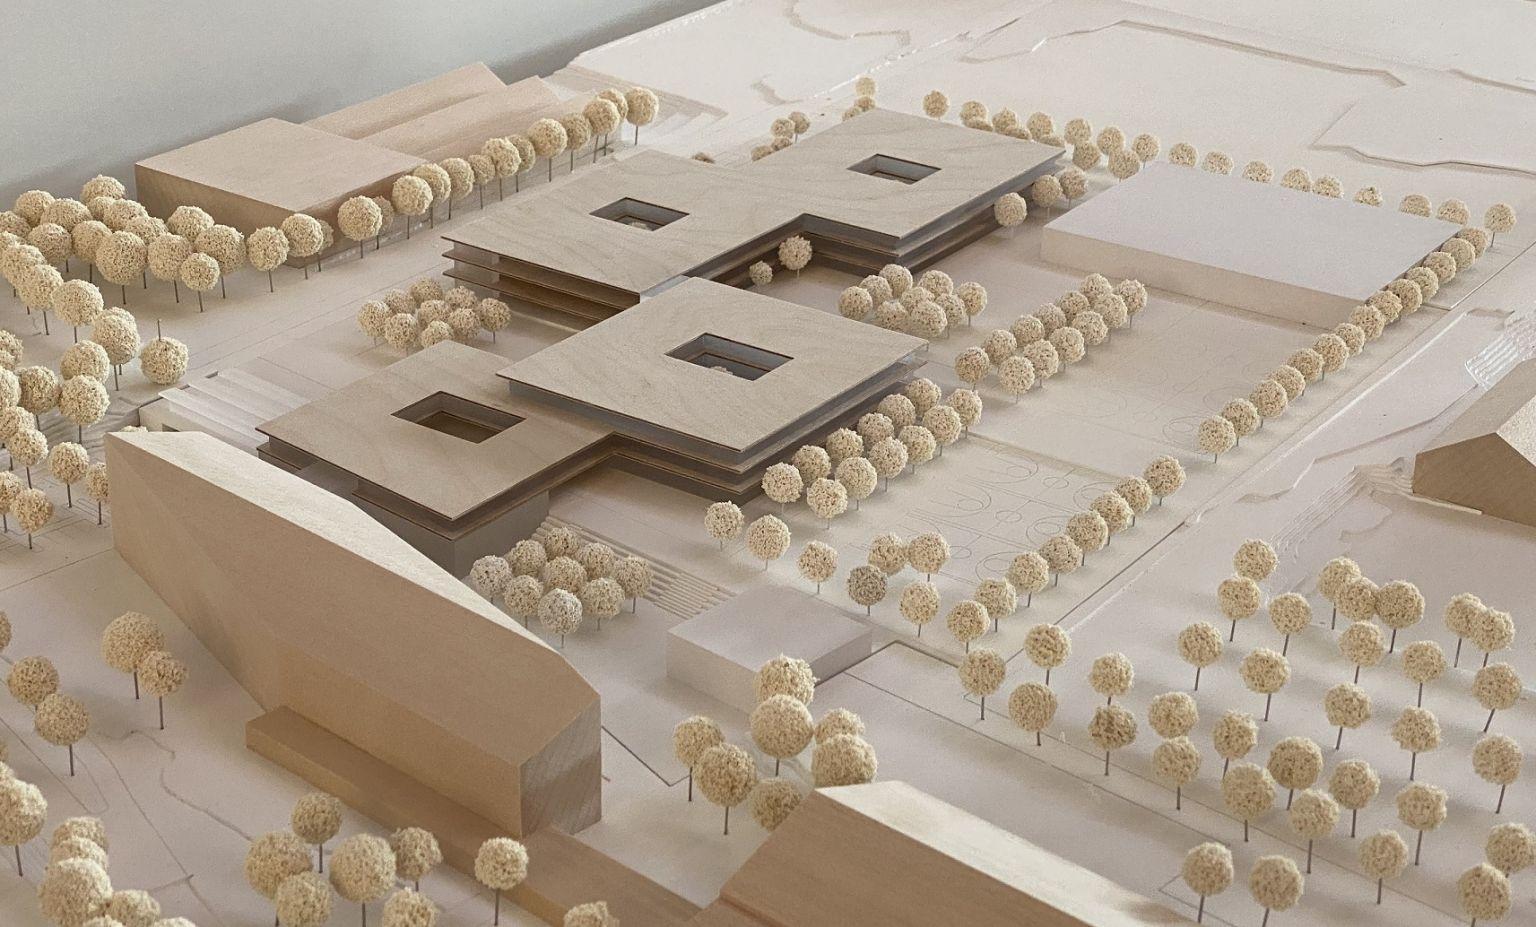 Drees & Sommer errichtet Münchner Schulcampus in Holzhybridbauweise